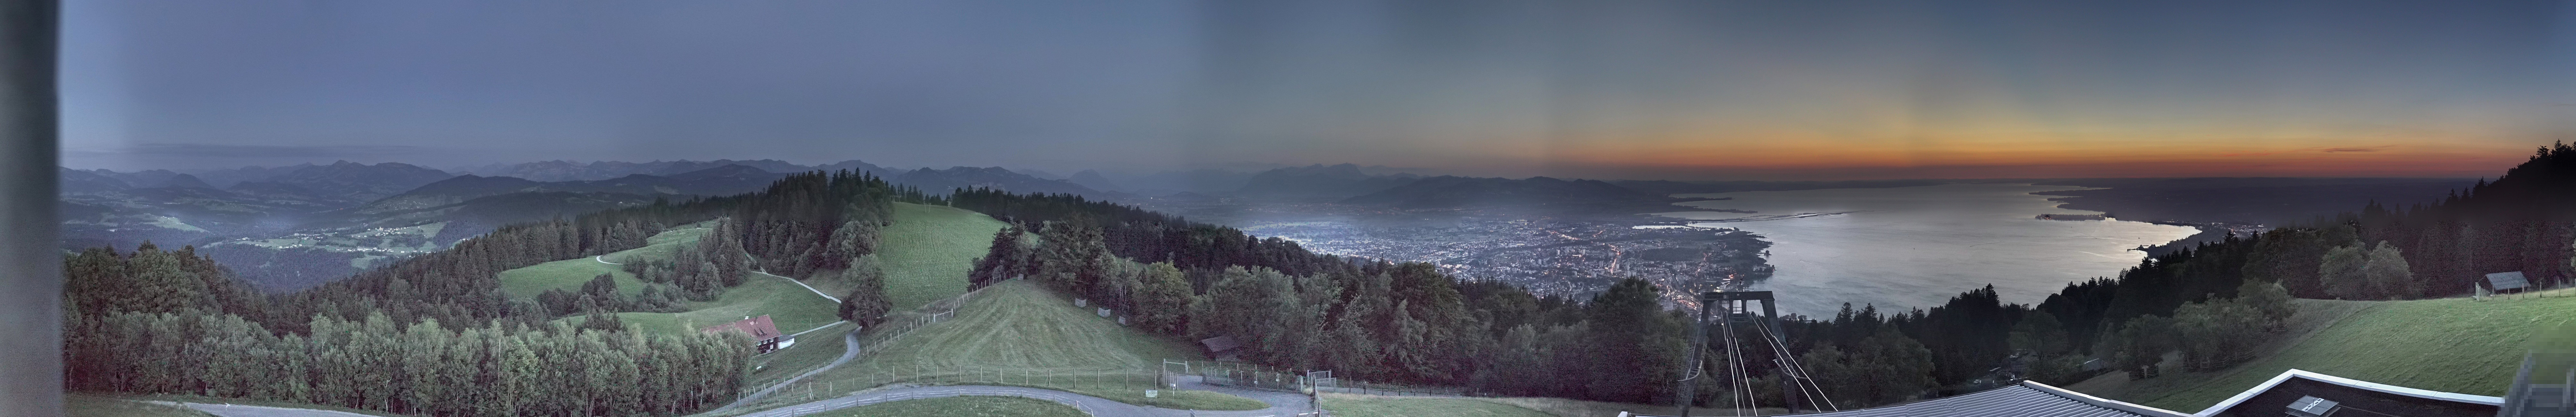 Bregenz - Österreich - Voralberg - Bodensee Livebild vom Pfänder